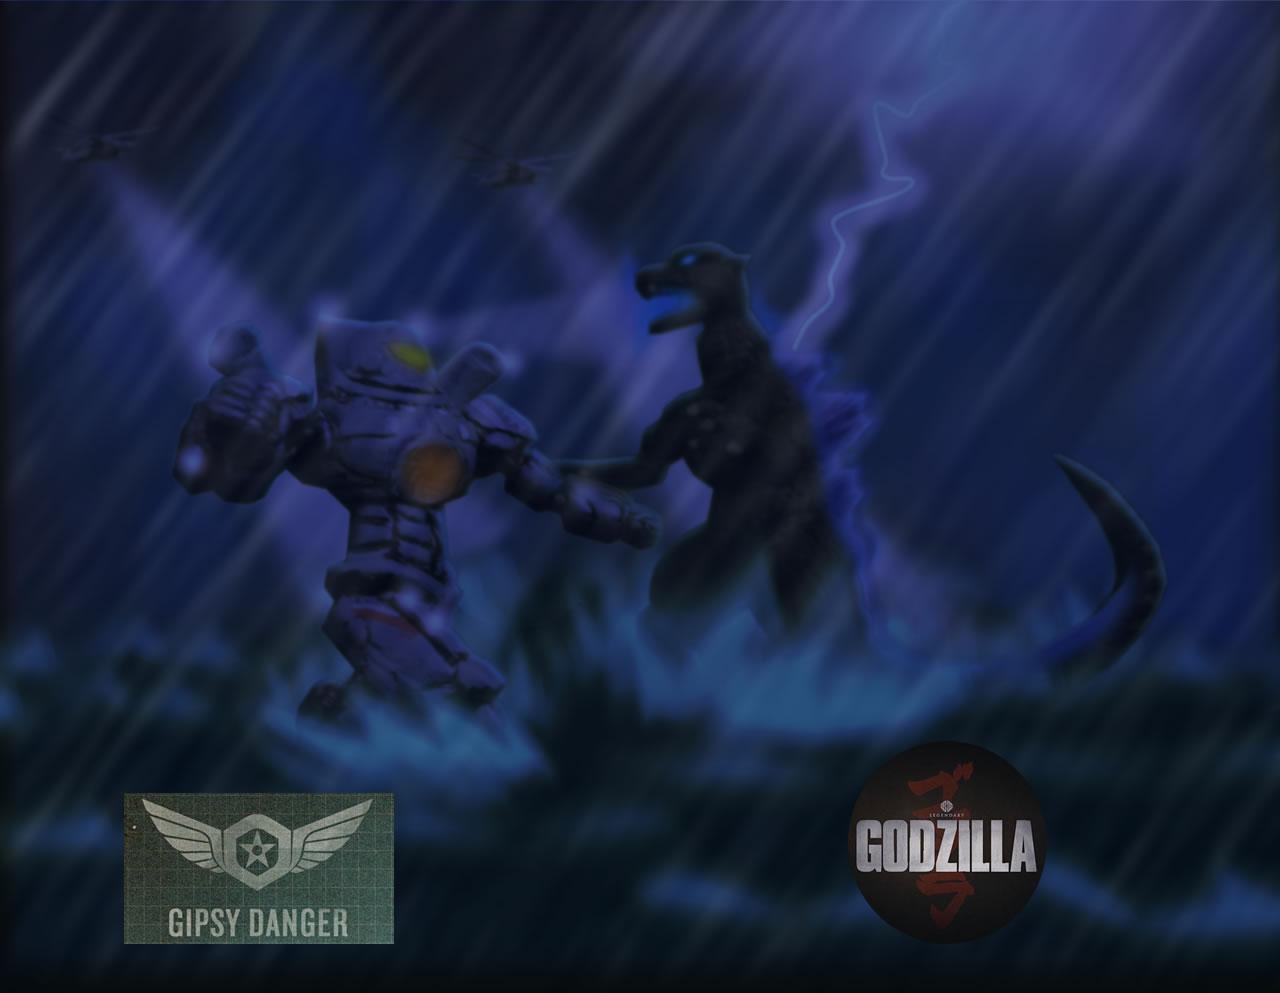 Godzilla 2014 Vs Slatt...